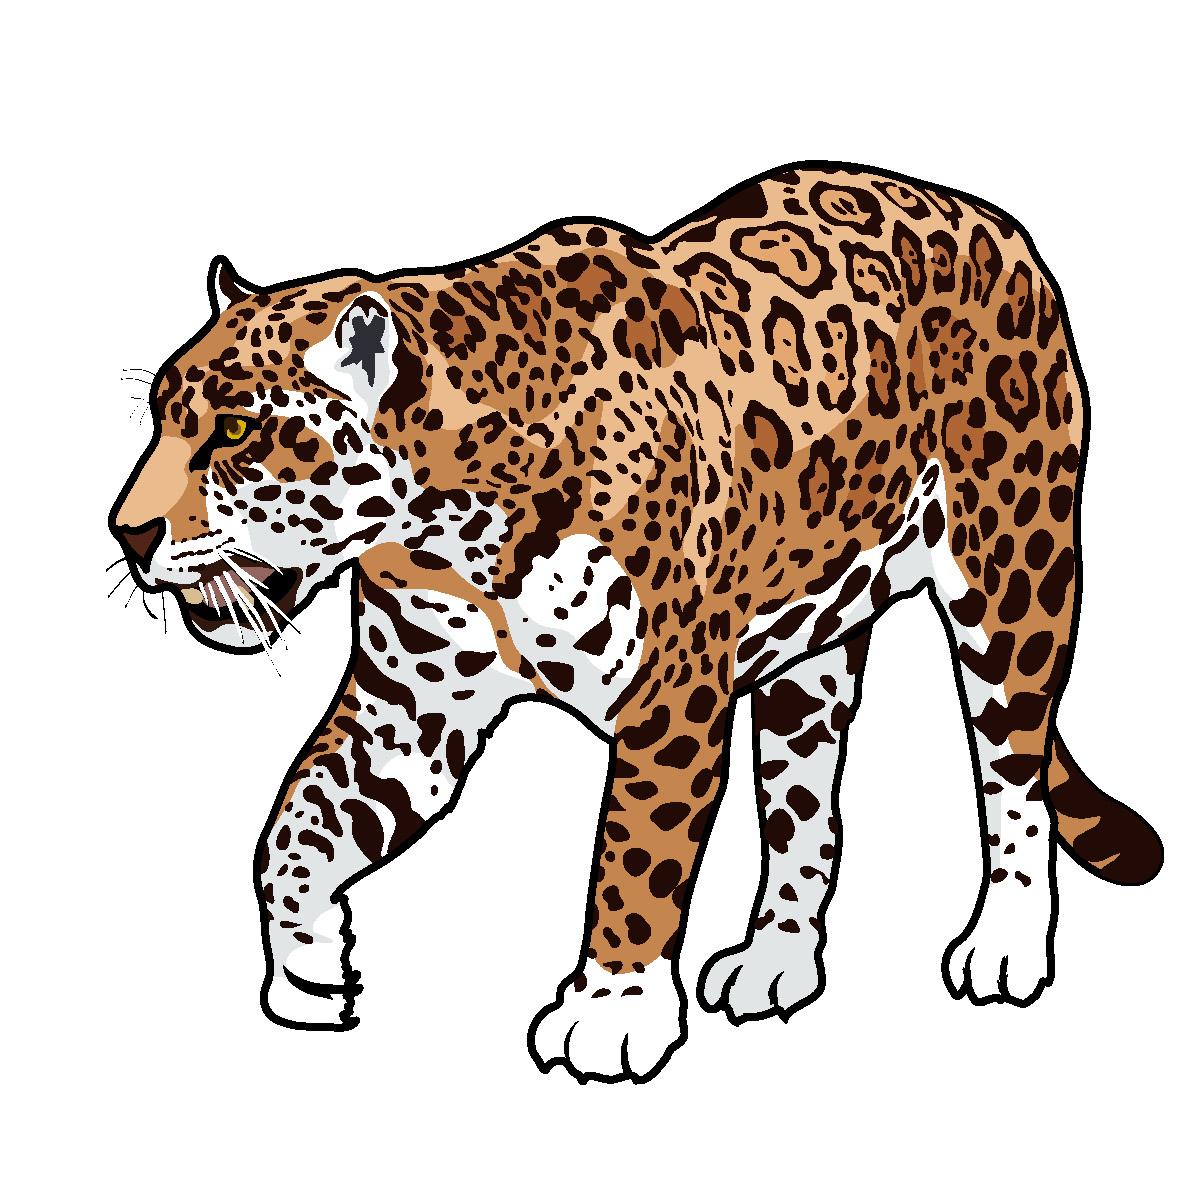 Free jaguar clip art big cat clipart ima-Free jaguar clip art big cat clipart image-5